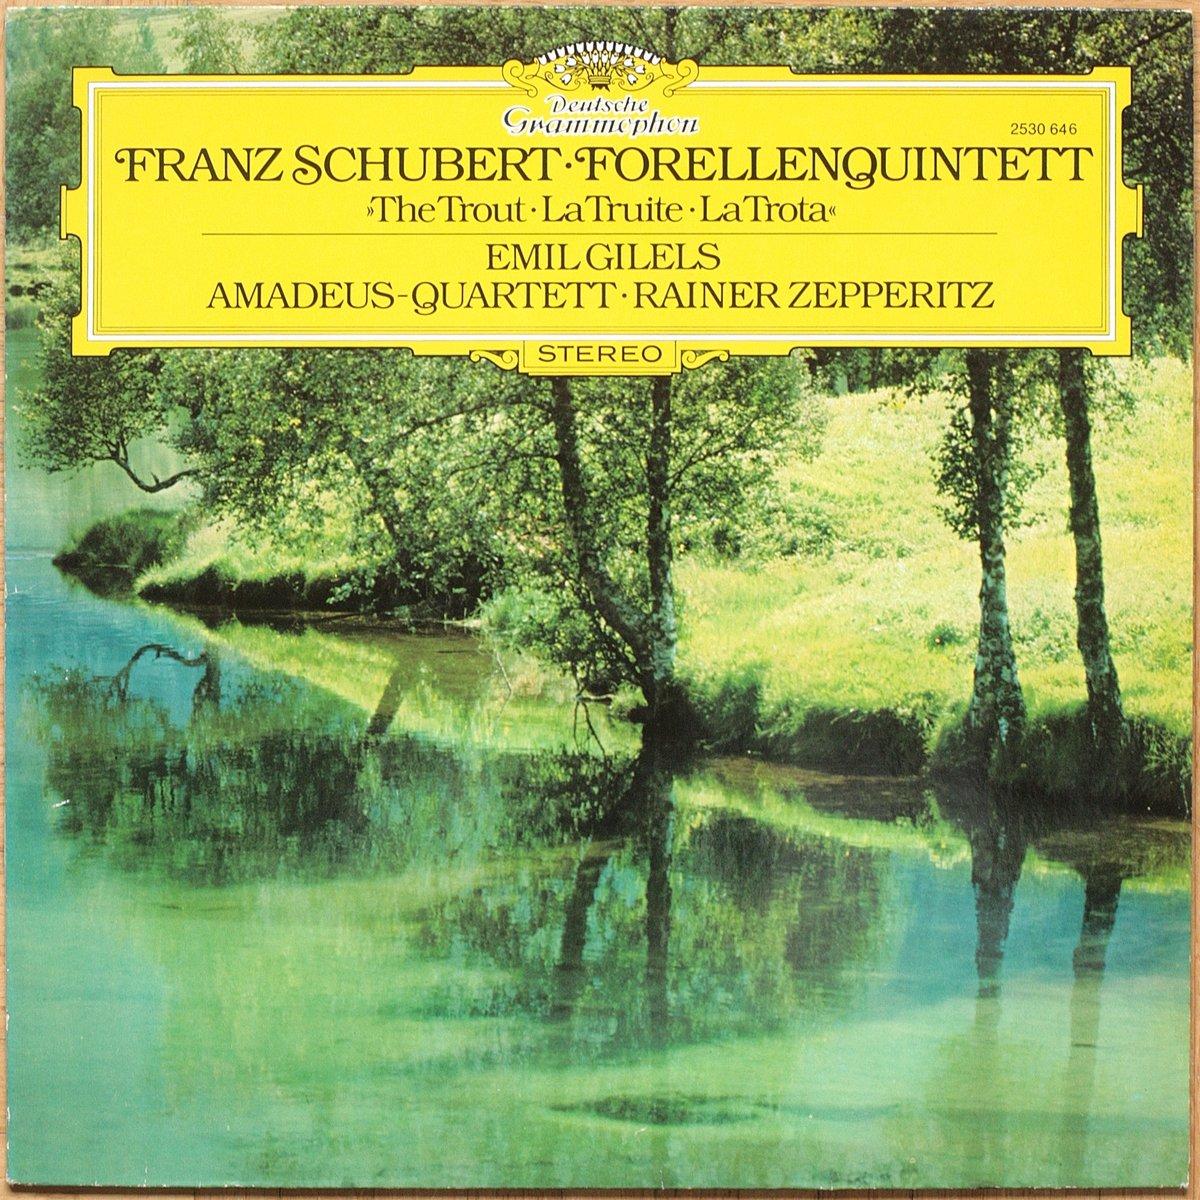 DGG Schubert Forellenquintett A-dur Quintette